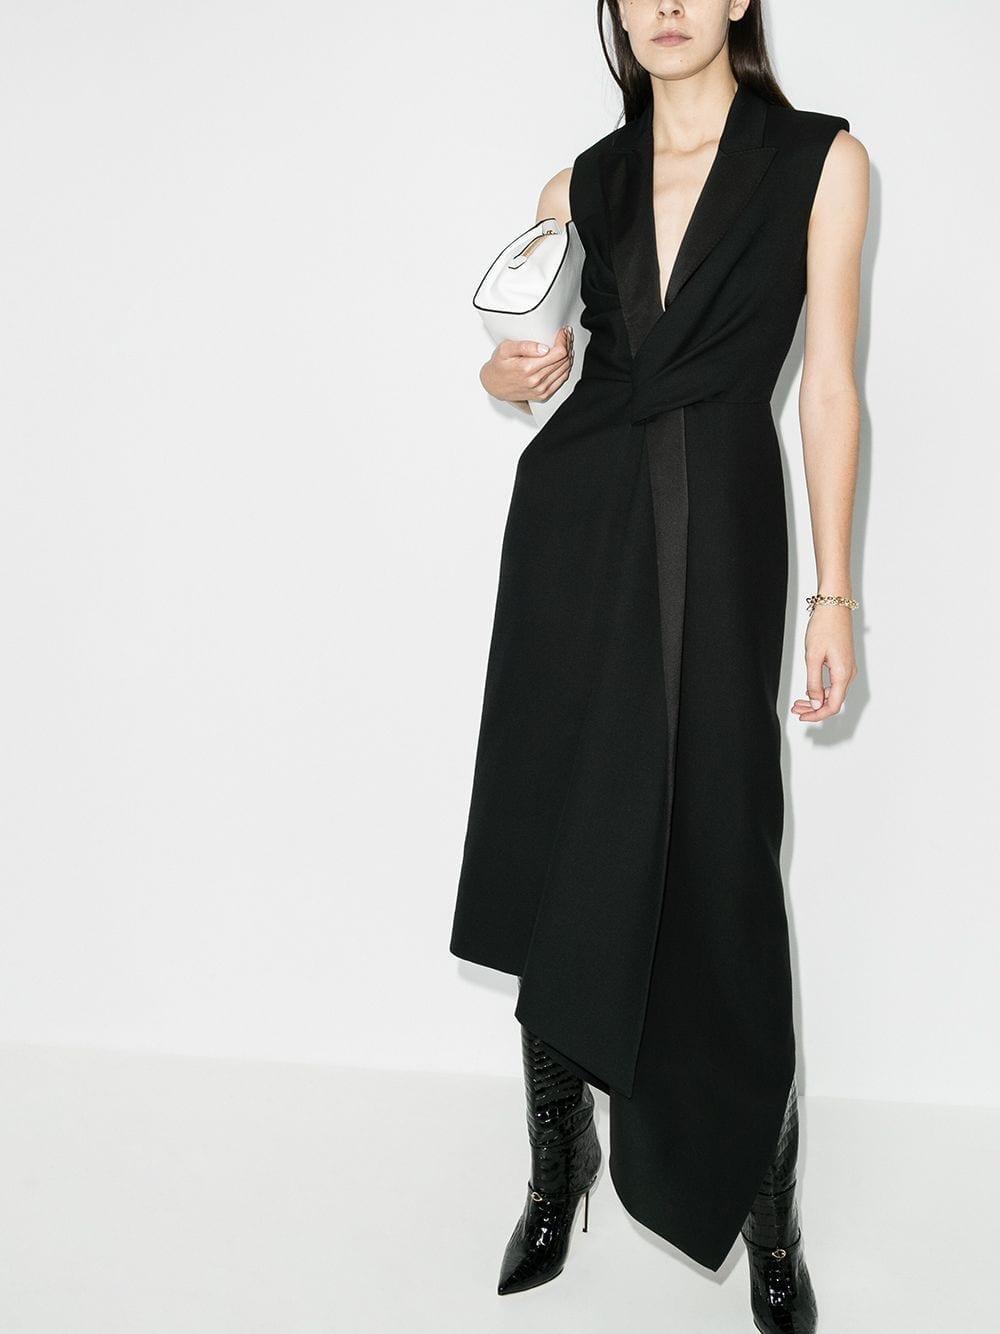 ALEXANDER MCQUEEN Tailored Asymmetric Gown